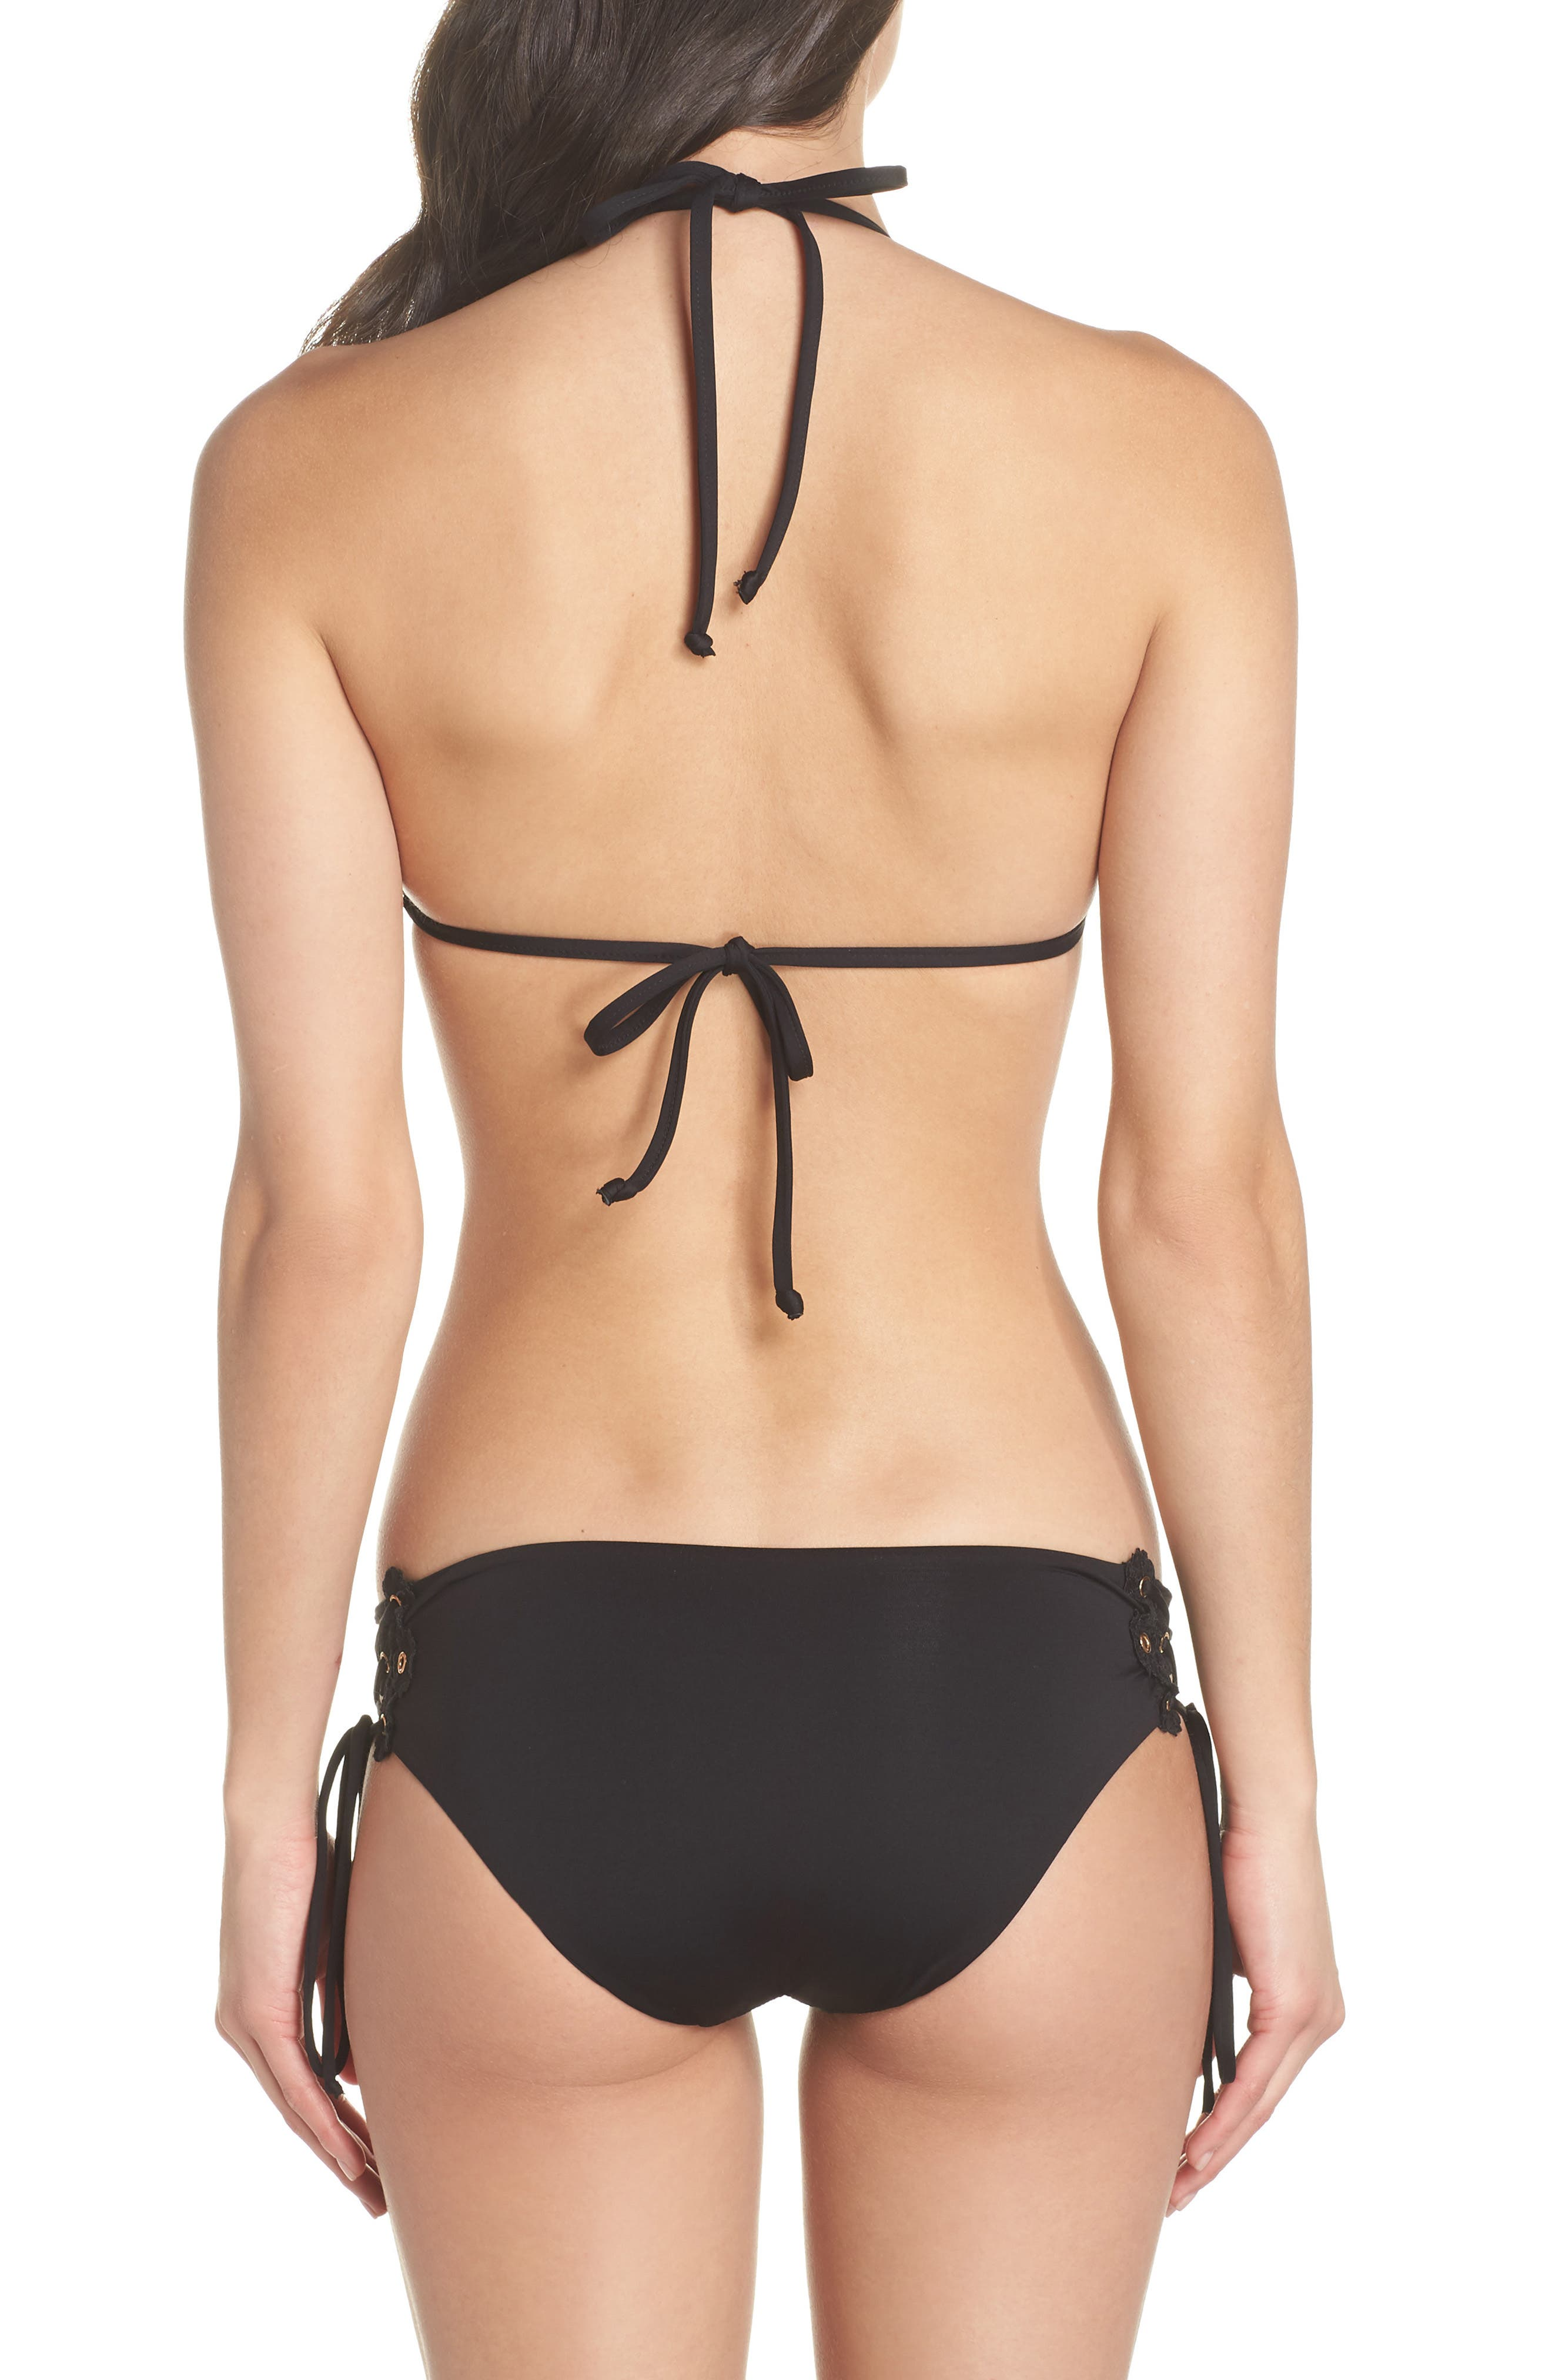 Set Sail Triangle Bikini Top,                             Alternate thumbnail 8, color,                             Black